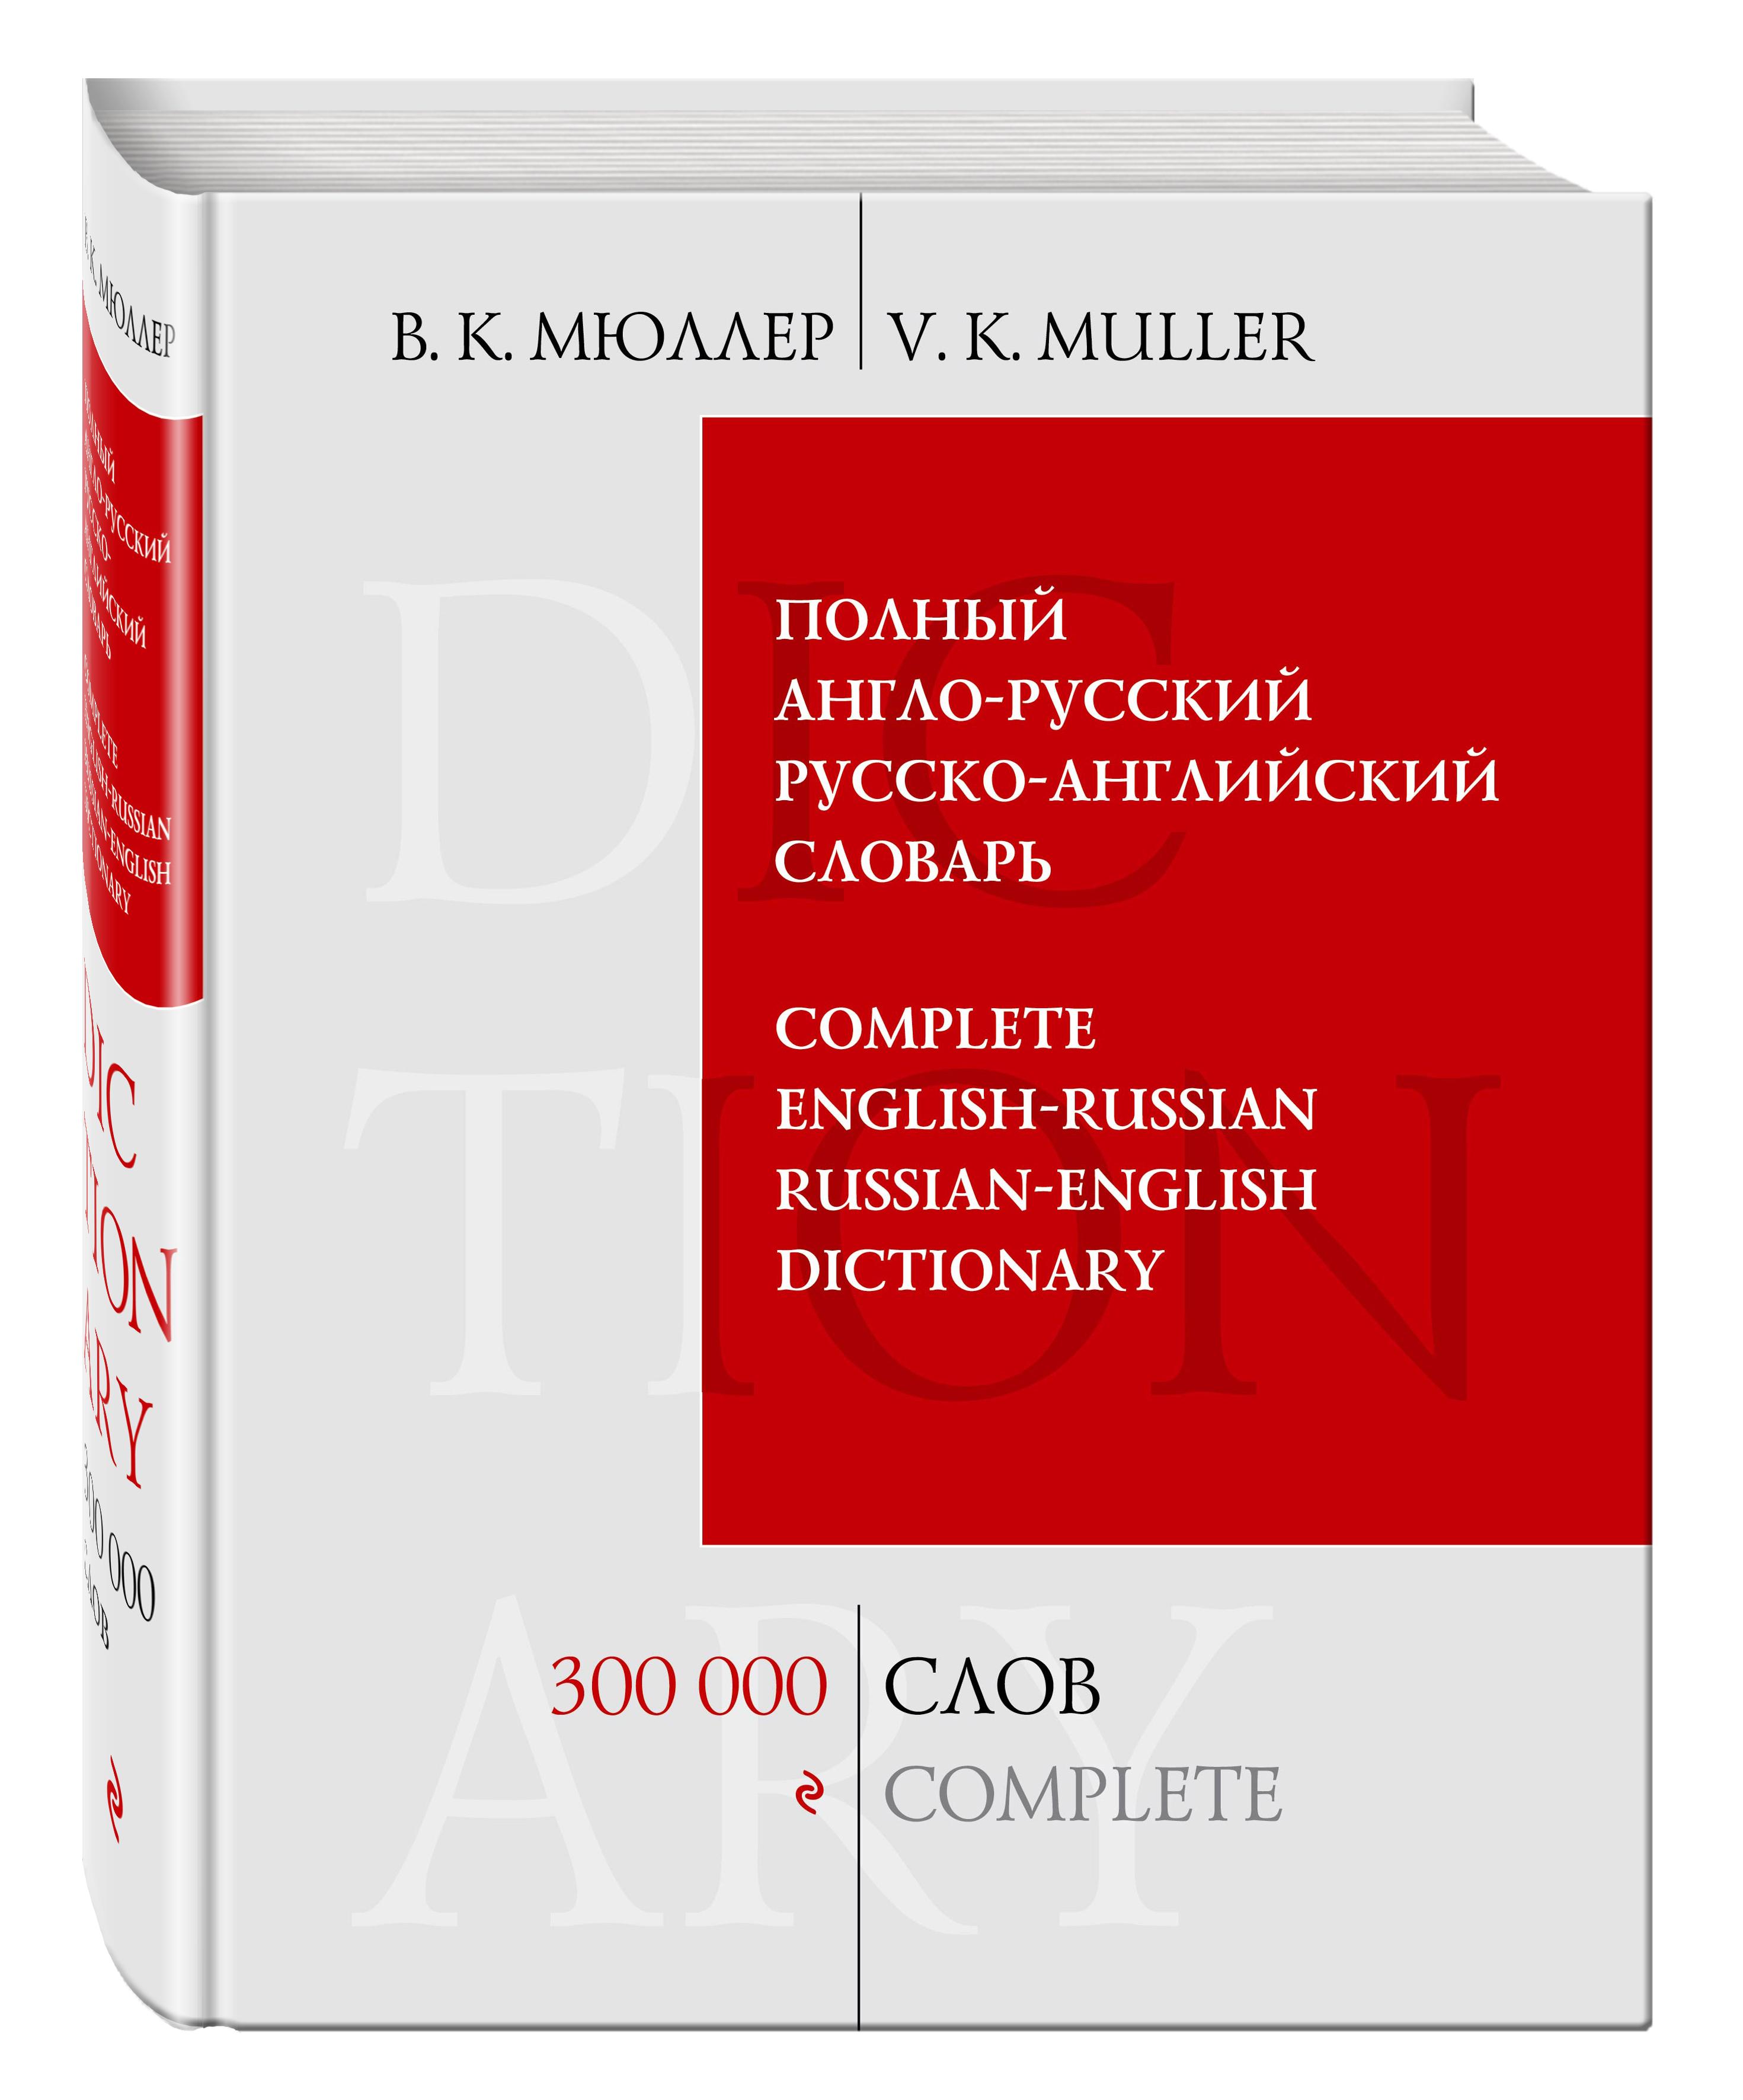 Полный англо-русский русско-английский словарь. 300 000 слов и выражений